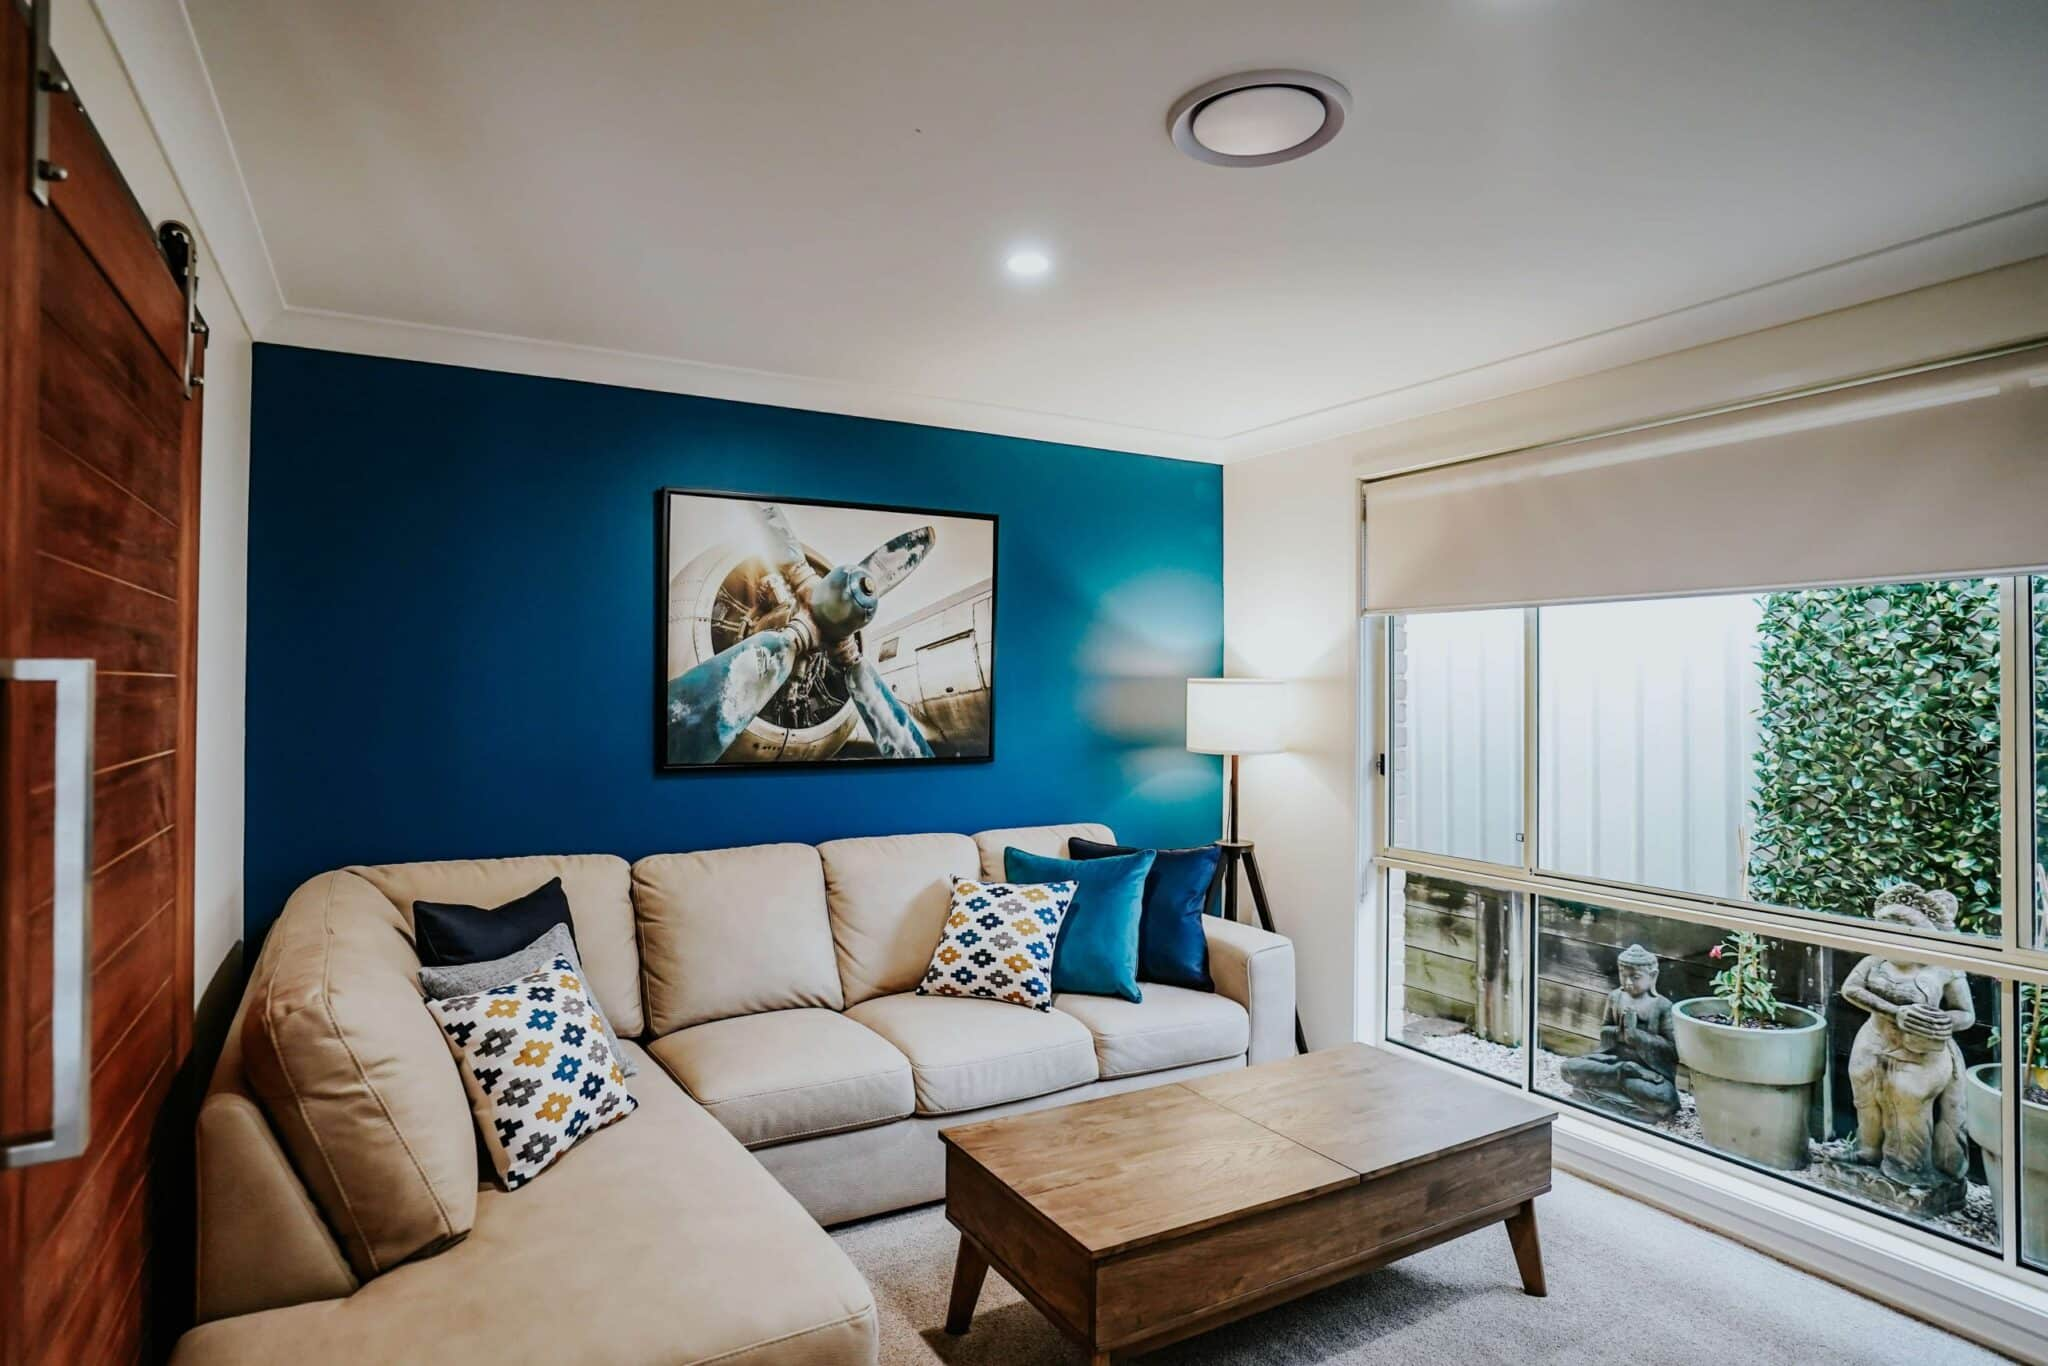 Locspec Building Shell Cove Renovation - living room